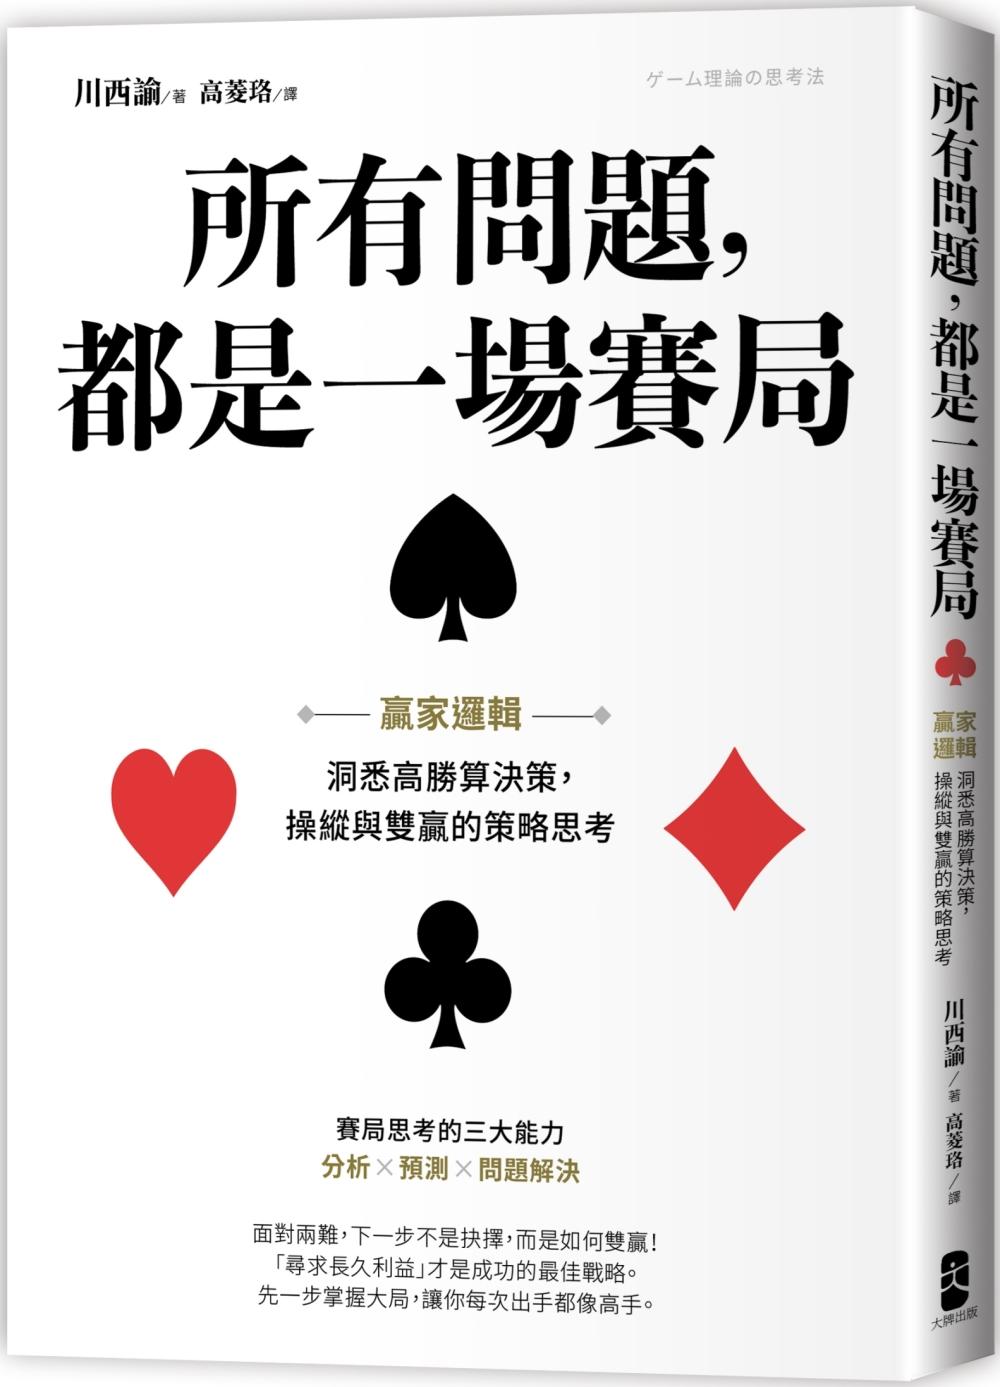 所有問題,都是一場賽局:贏家邏輯 洞悉高勝算決策,操縱與雙贏的策略思考